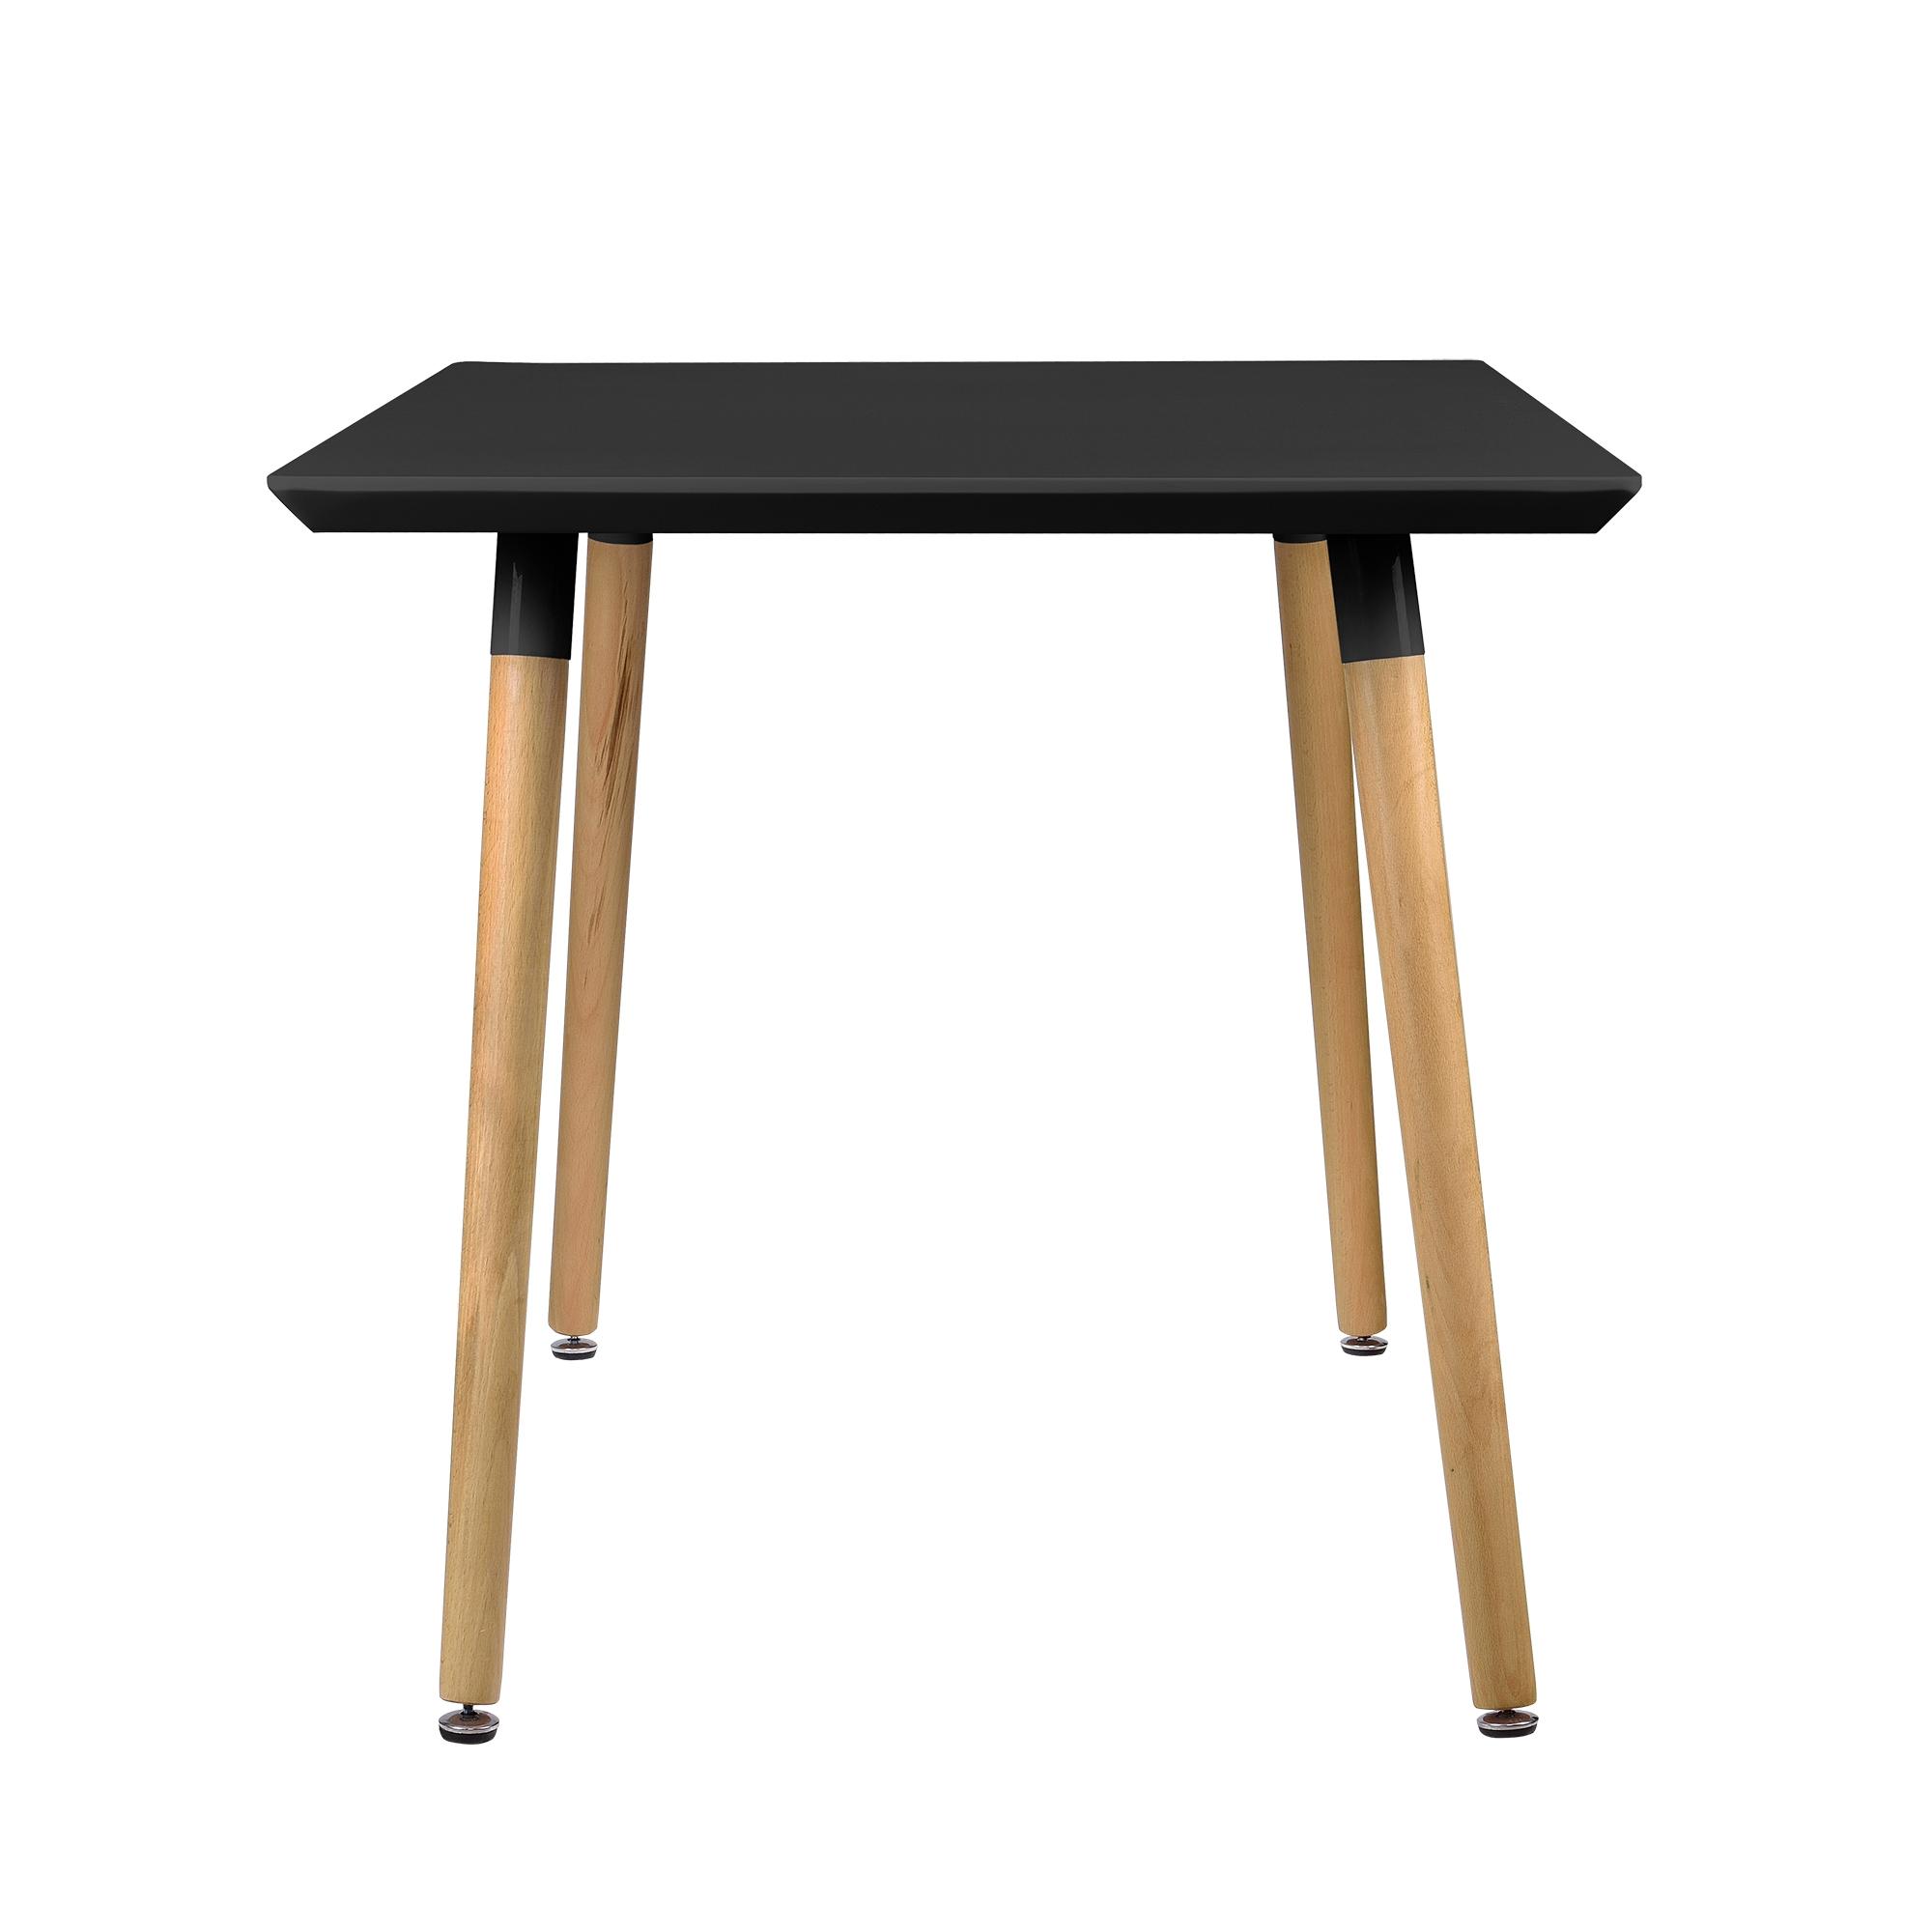 Moderner esstisch tisch esszimmer k chentisch for Kuchentisch modern